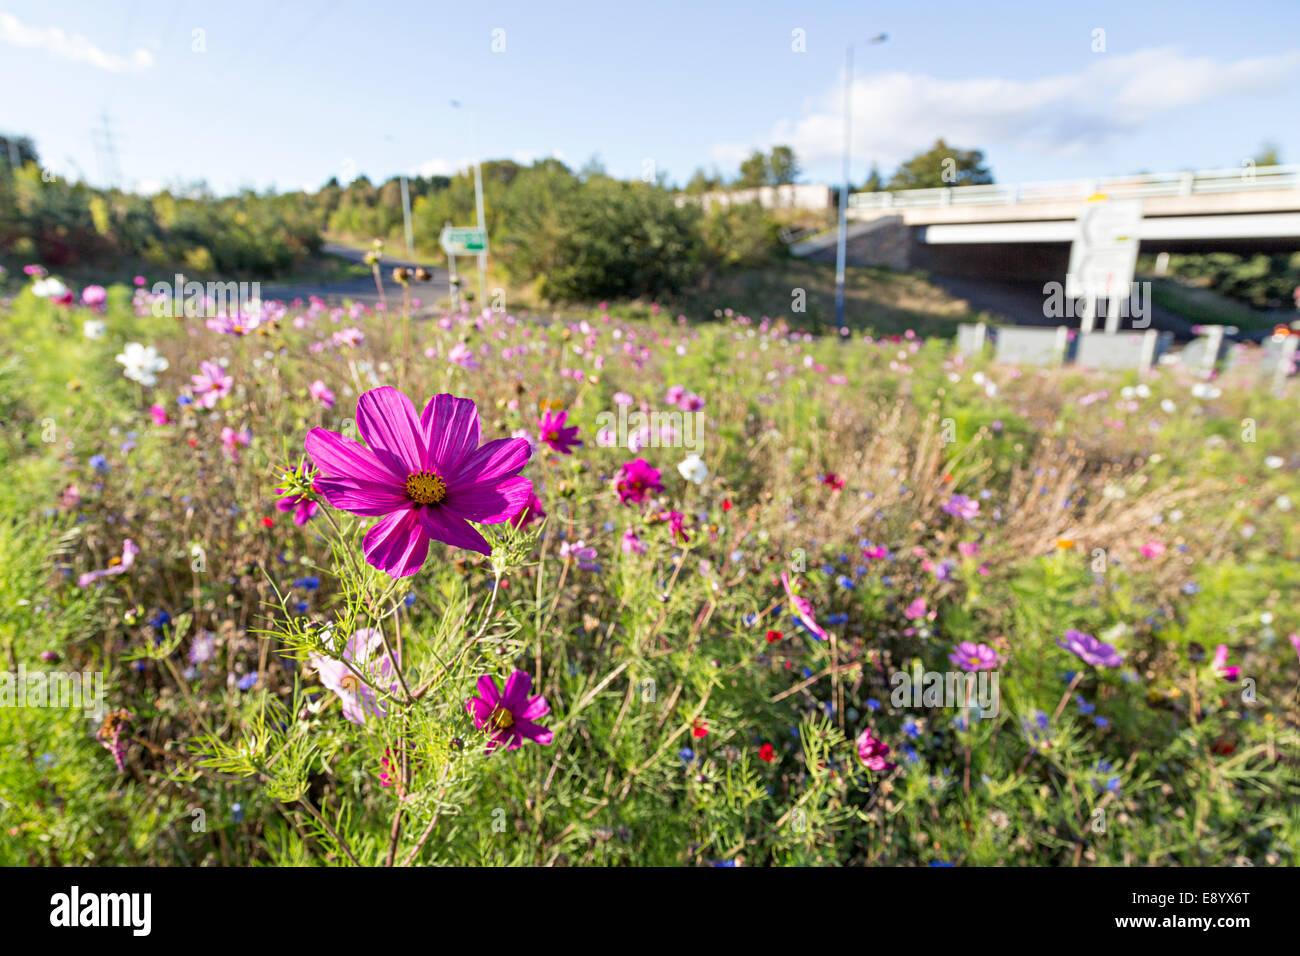 Wildflowers planted on roundabout, Abergavenny, Wales, UK - Stock Image